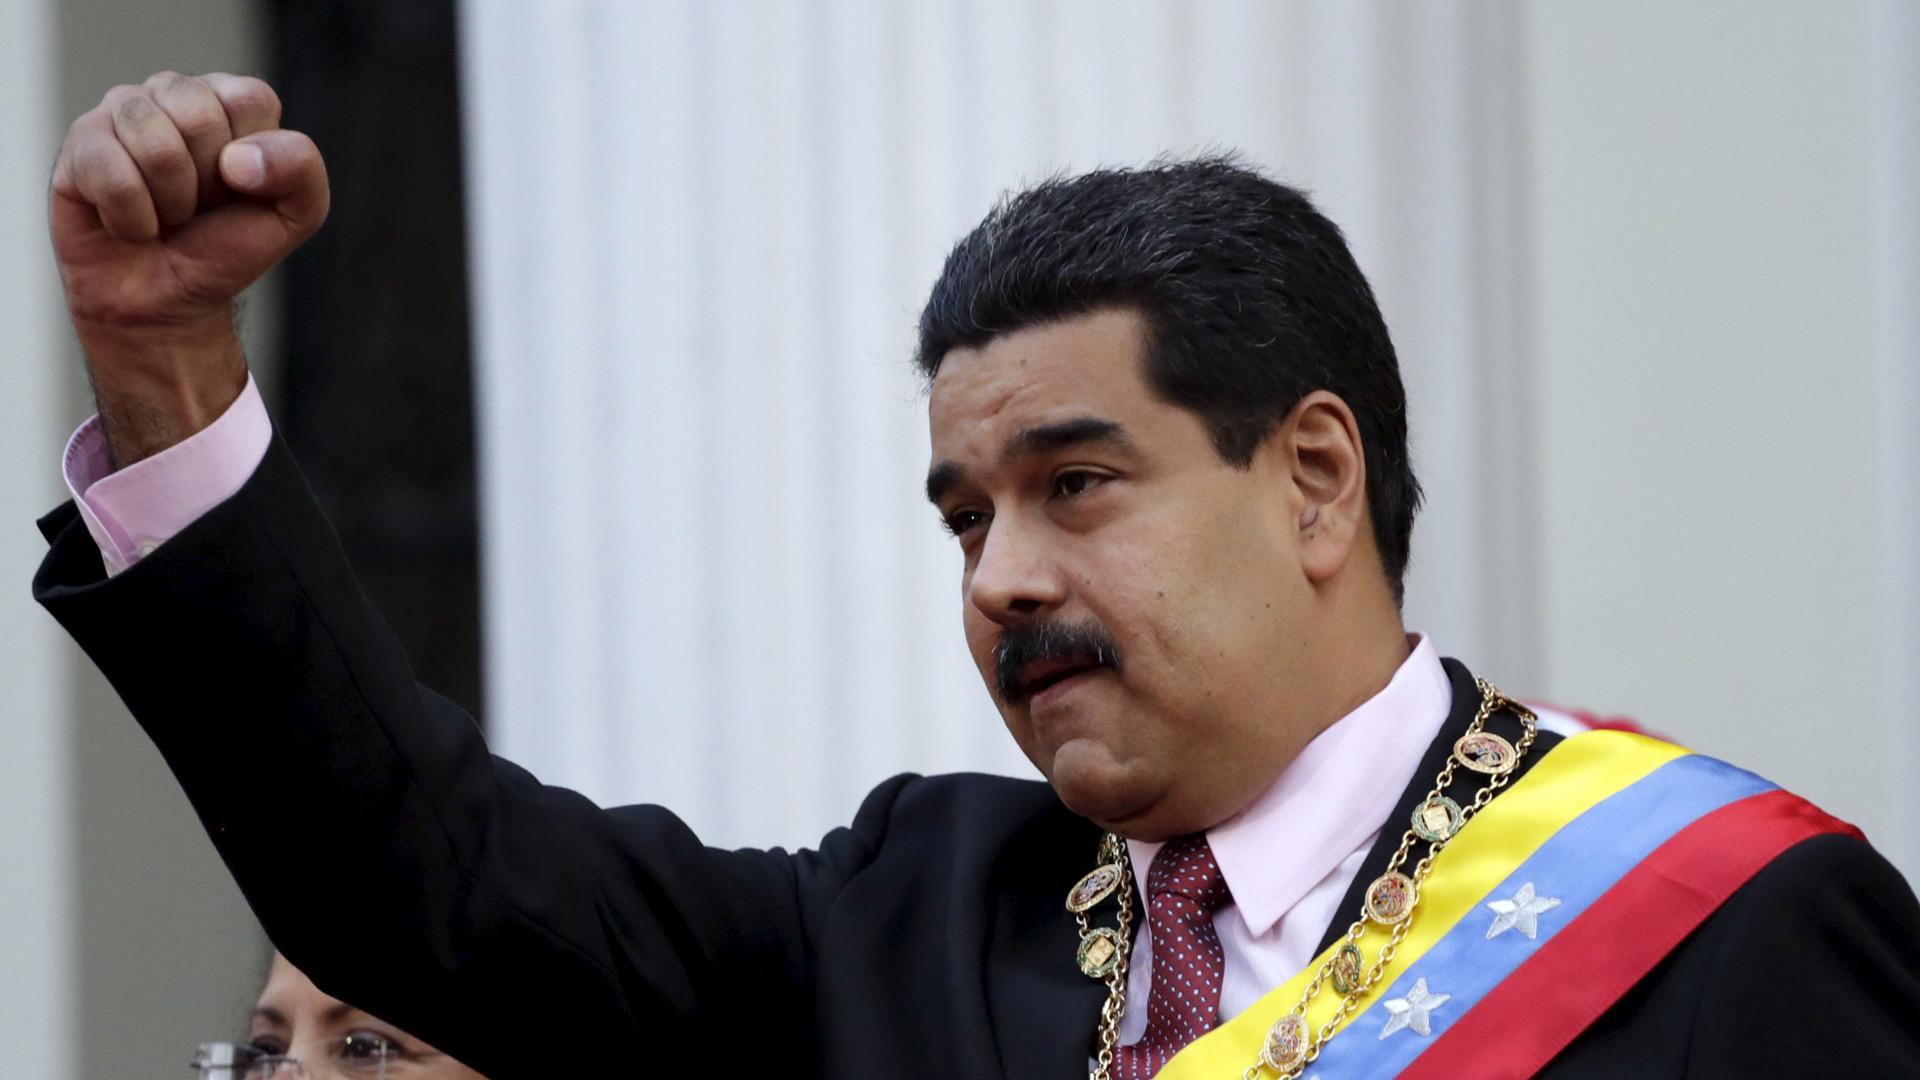 El presidente Maduro señaló que en las patrullas participarán comandos del Ejército, para combatir la criminalidad